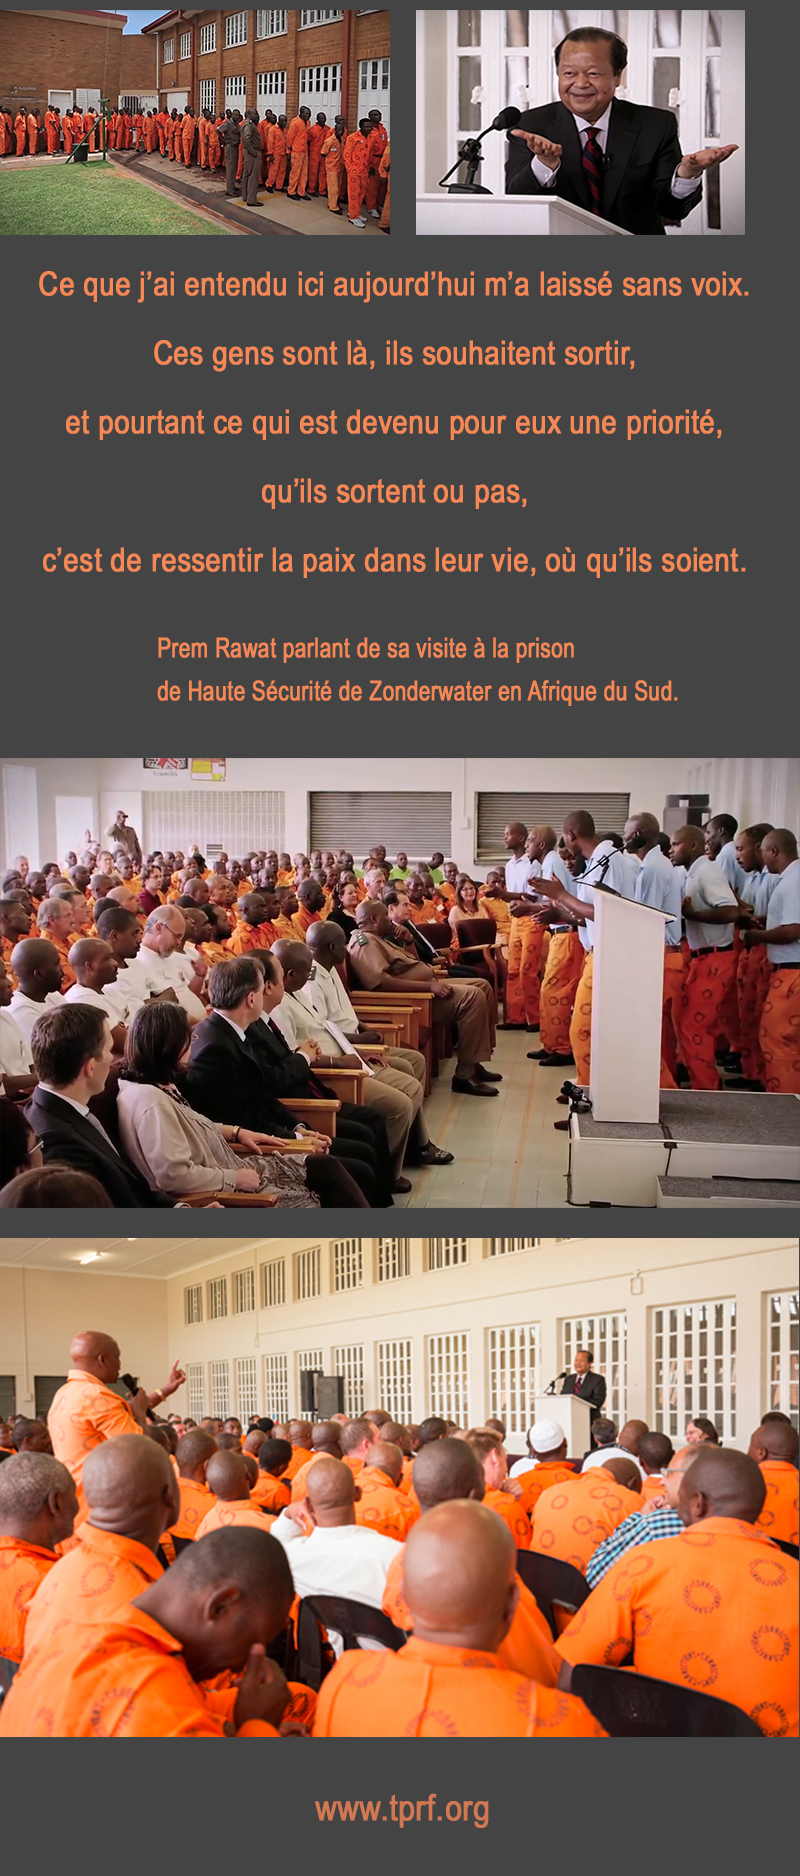 Prem Rawat parlant de sa visite à la prison de Haute Sécurité de Zonderwater en Afrique du Sud.,quote